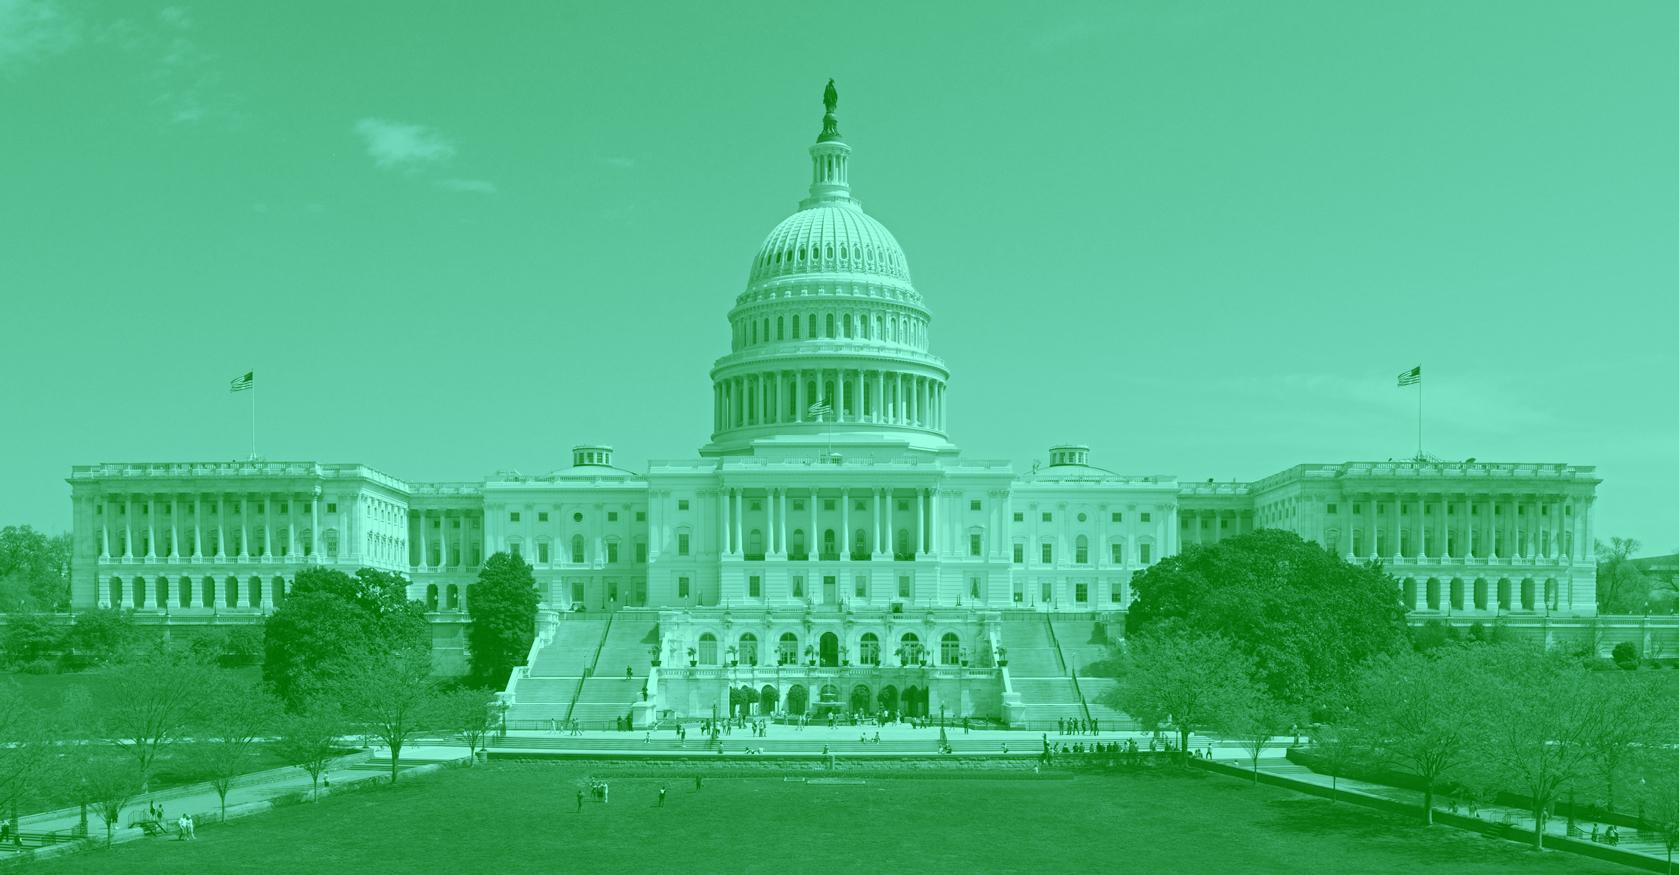 US CAPITOL GREEN 2